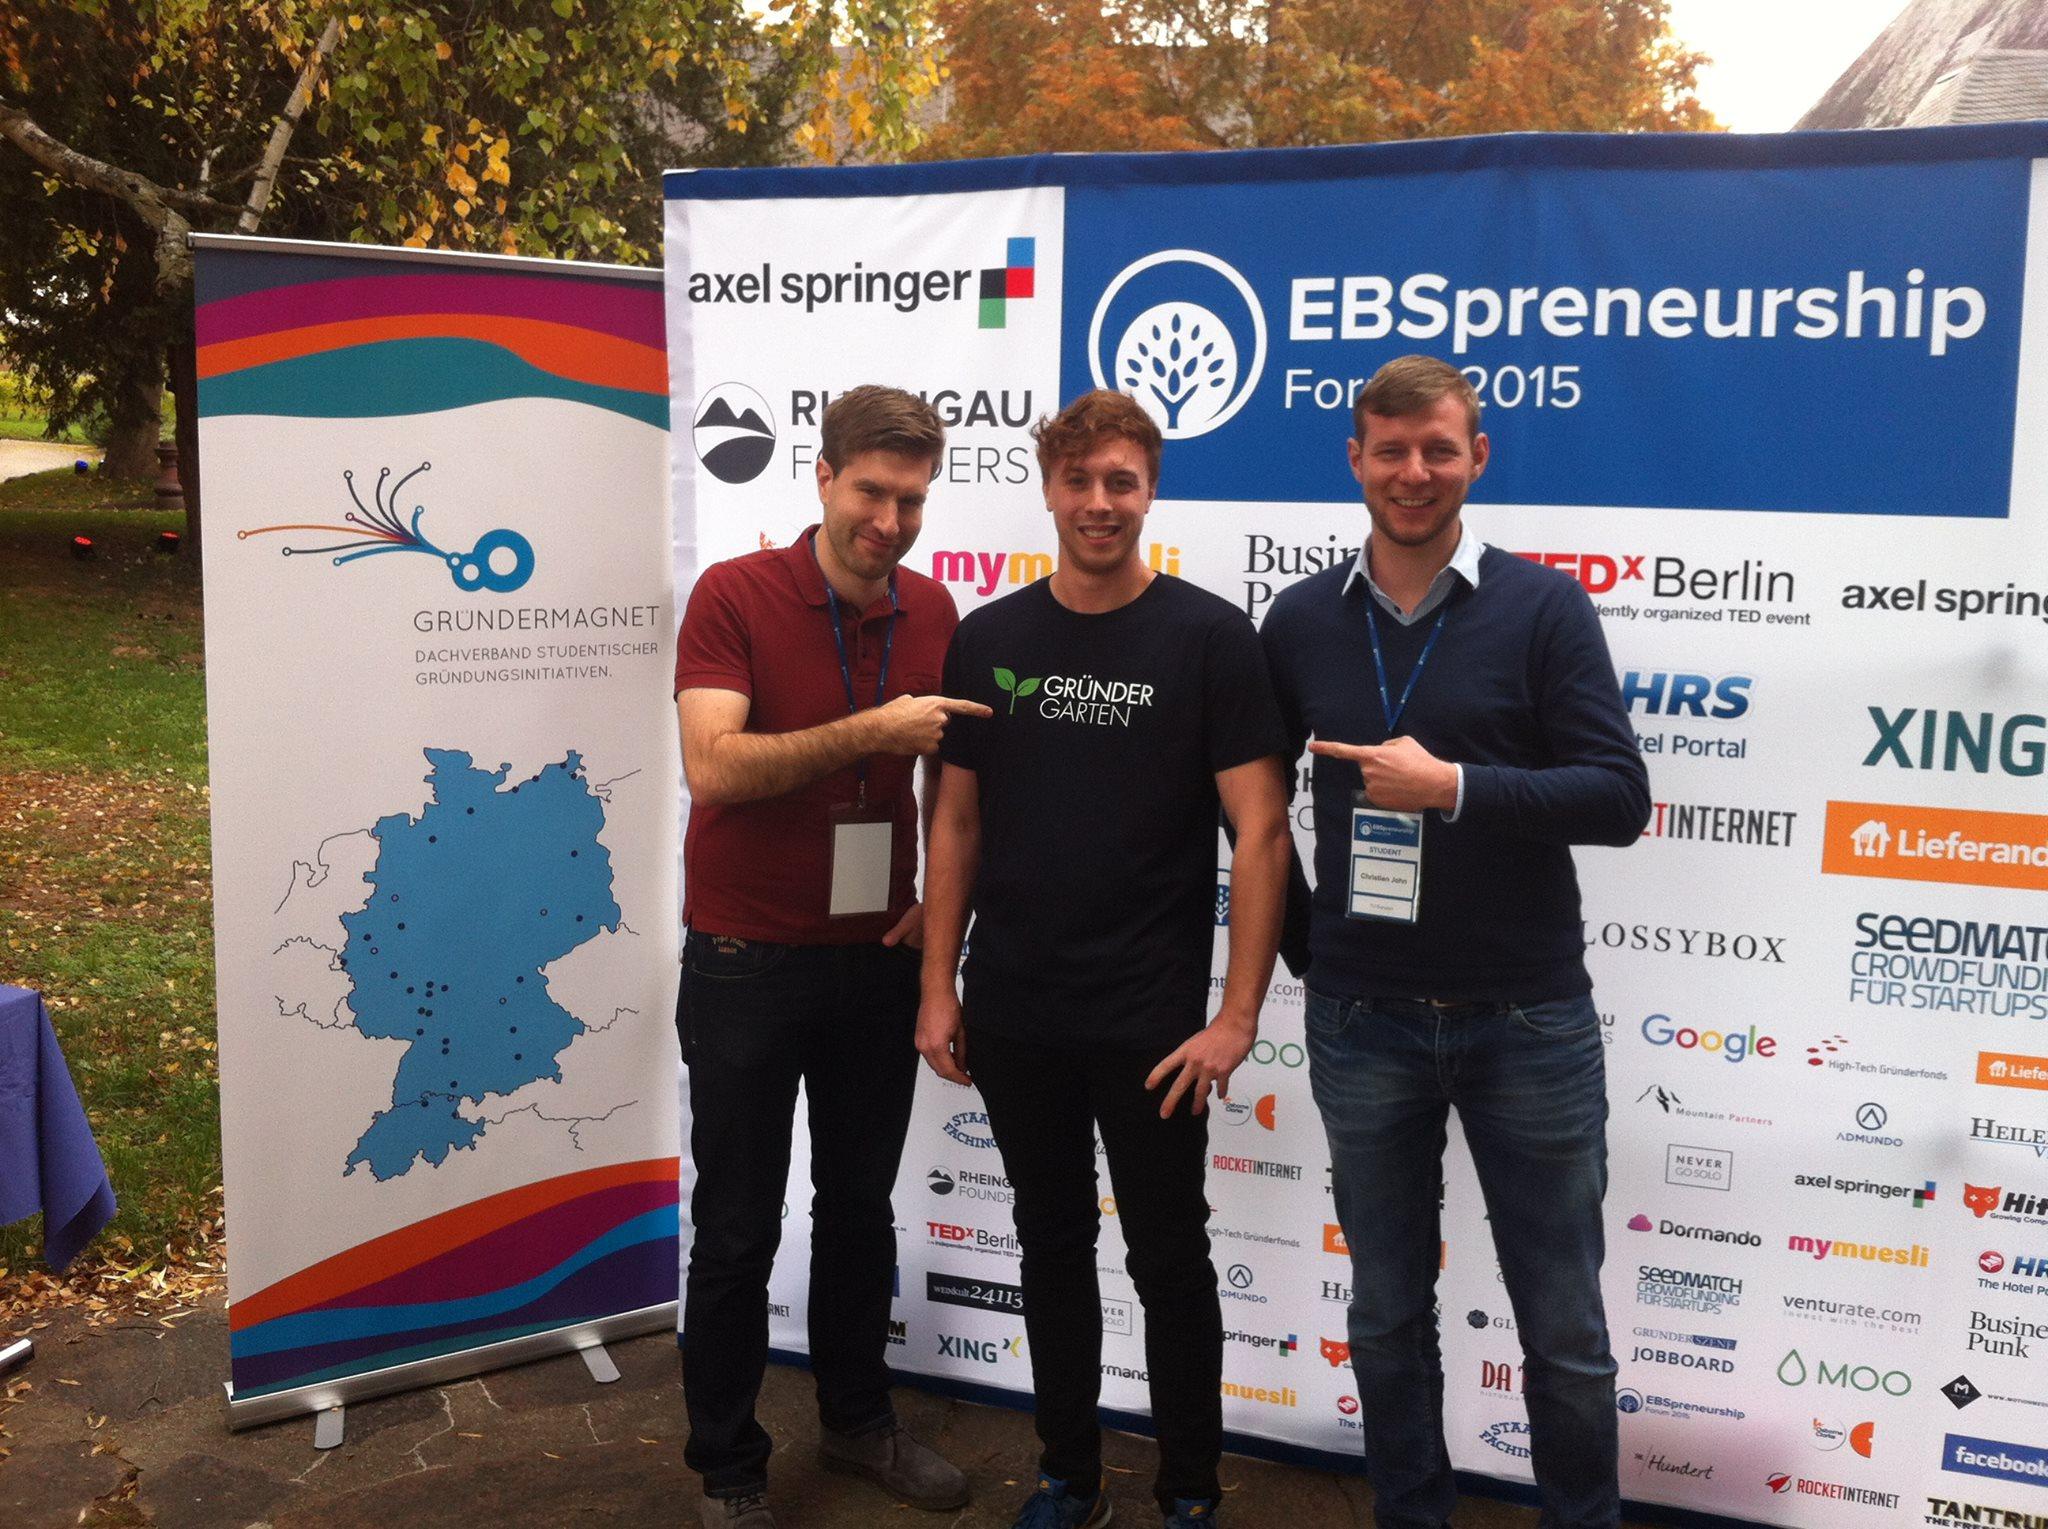 GründerGarten: Die GründerGärtner David Schäffler, Lorenz Weil und Christian John beim EBSpreneurship Forum 2015